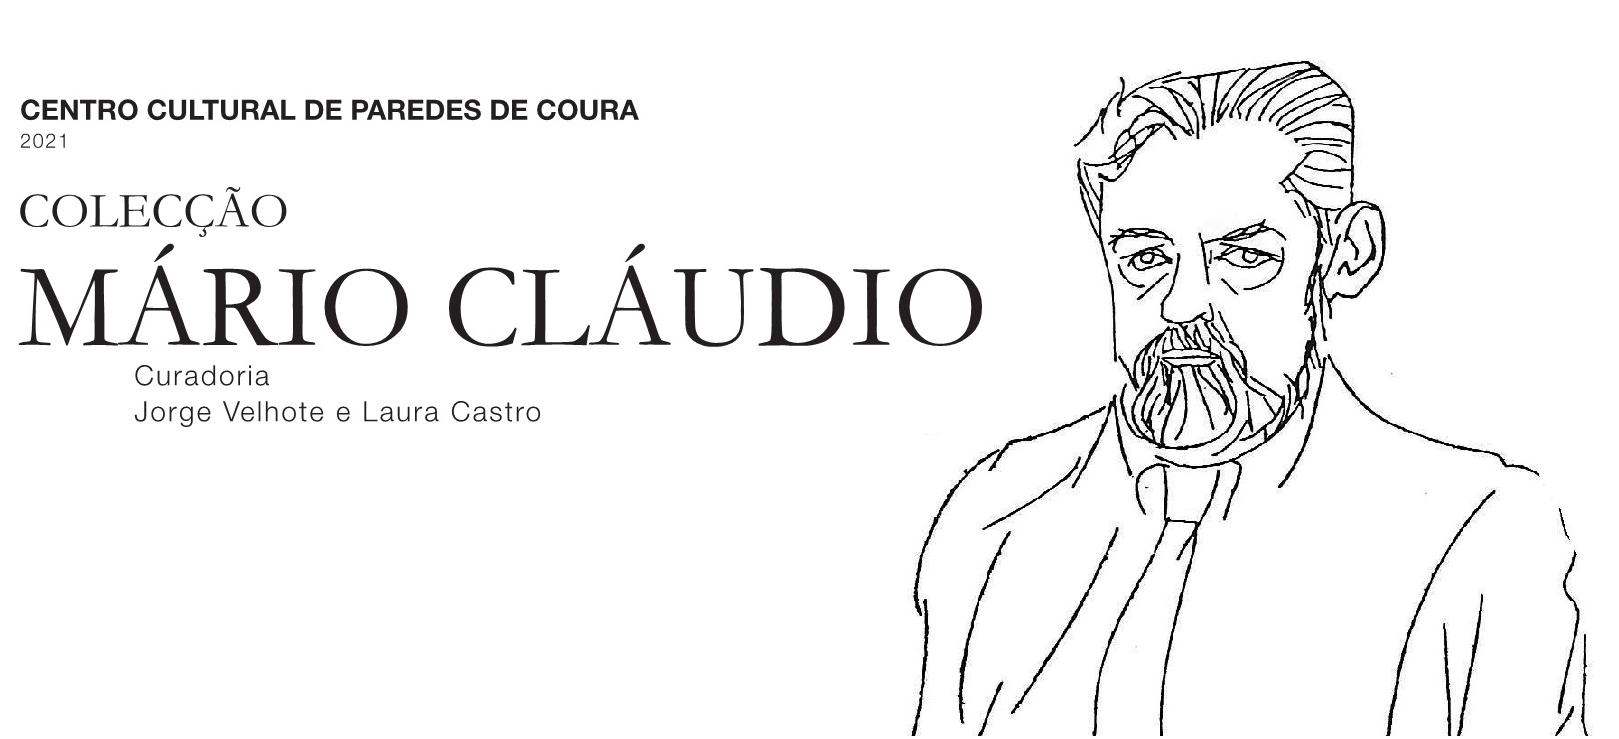 Exposição Coleção Mário Cláudio em Paredes de Coura